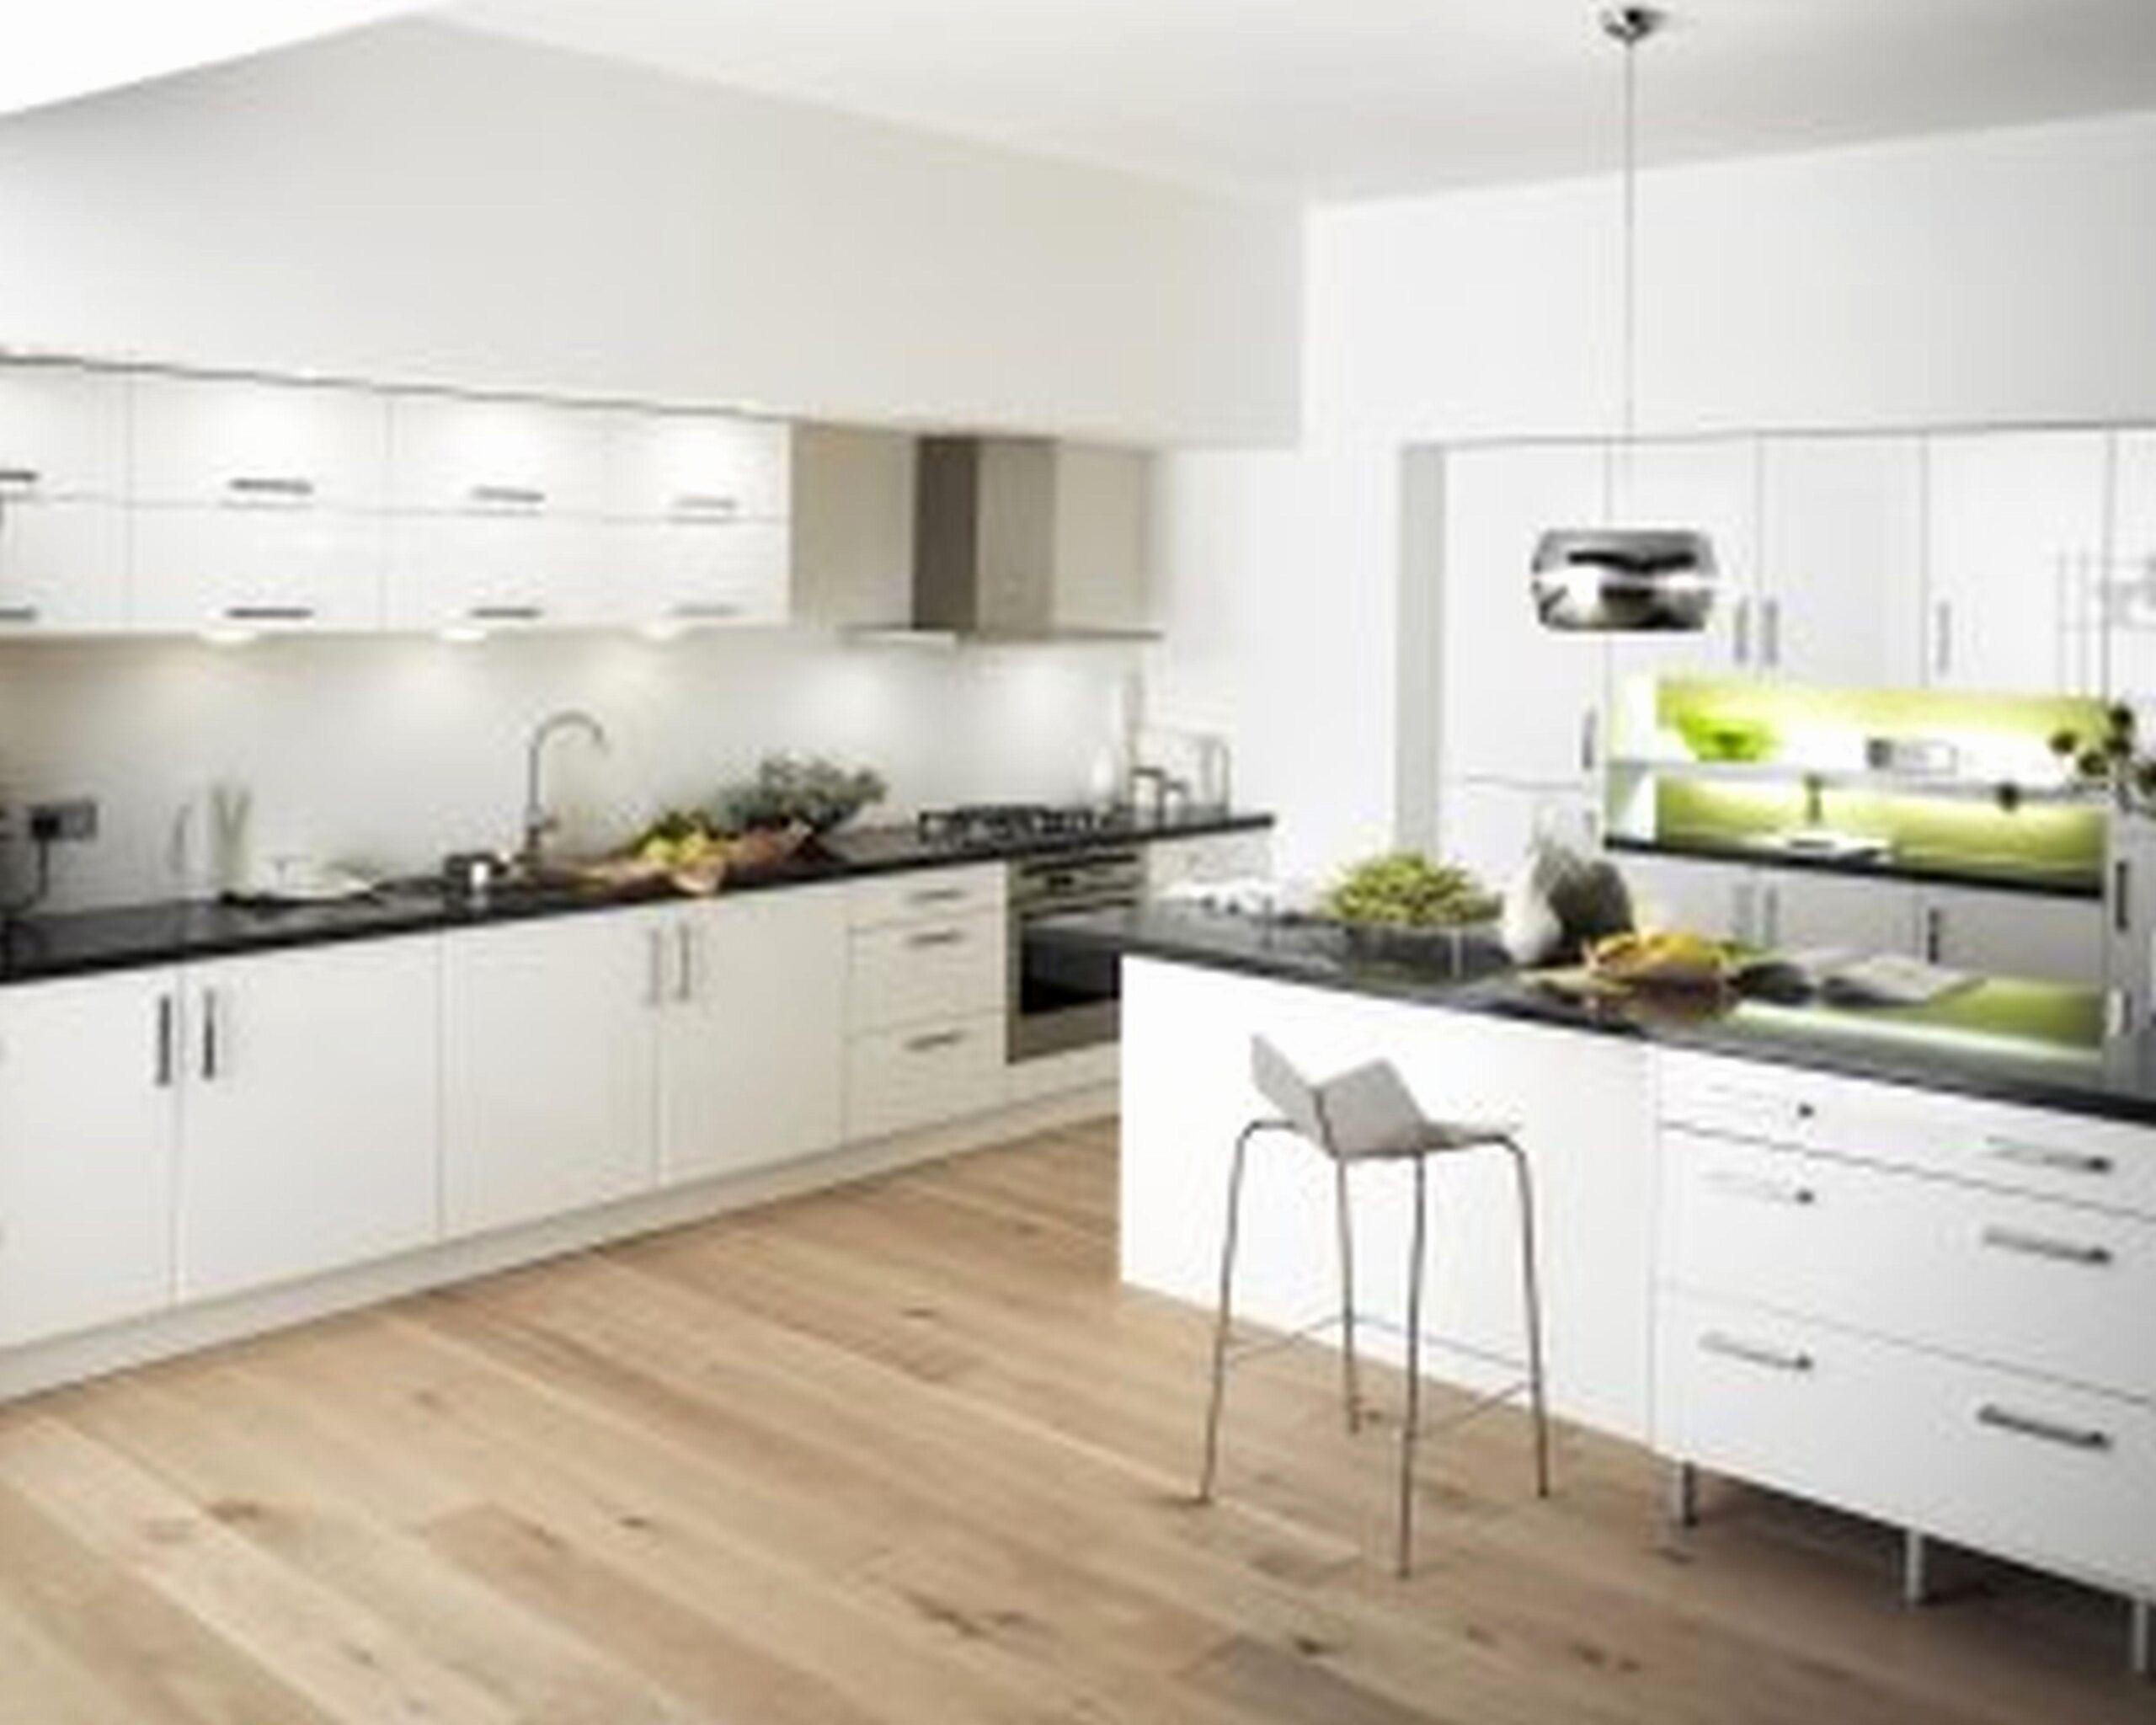 Full Size of Ringhult Ikea Kitchen Cabinets Best Of White Cabinet Küche Kosten Betten Bei Kaufen Sofa Mit Schlaffunktion Modulküche Miniküche 160x200 Wohnzimmer Ringhult Ikea